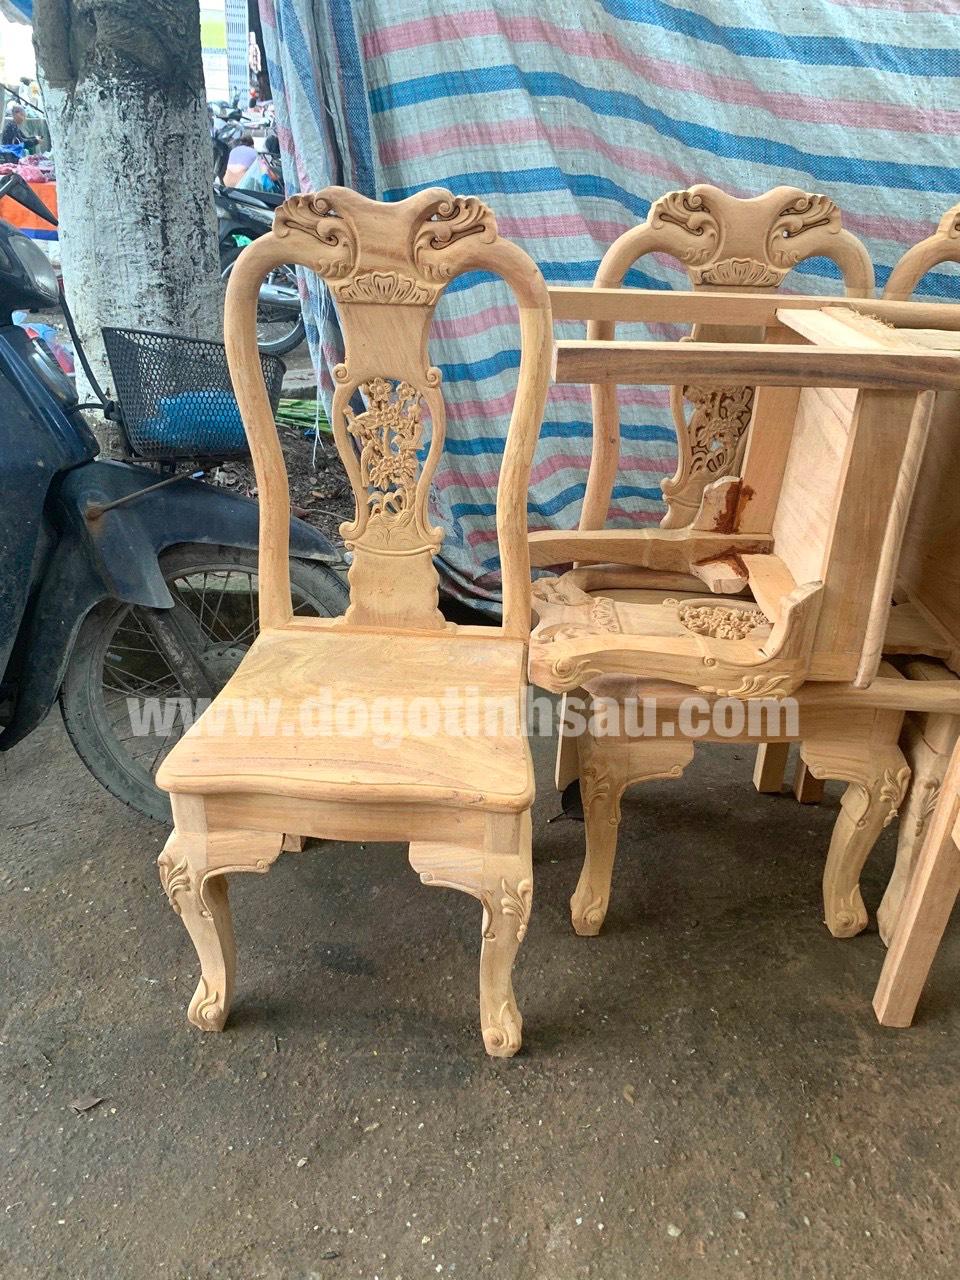 mau ghe an go go do 12 - 5 Lý do để mẫu bàn ghế ăn gỗ gõ đỏ ngày càng được ưa chuộng trên thị trường